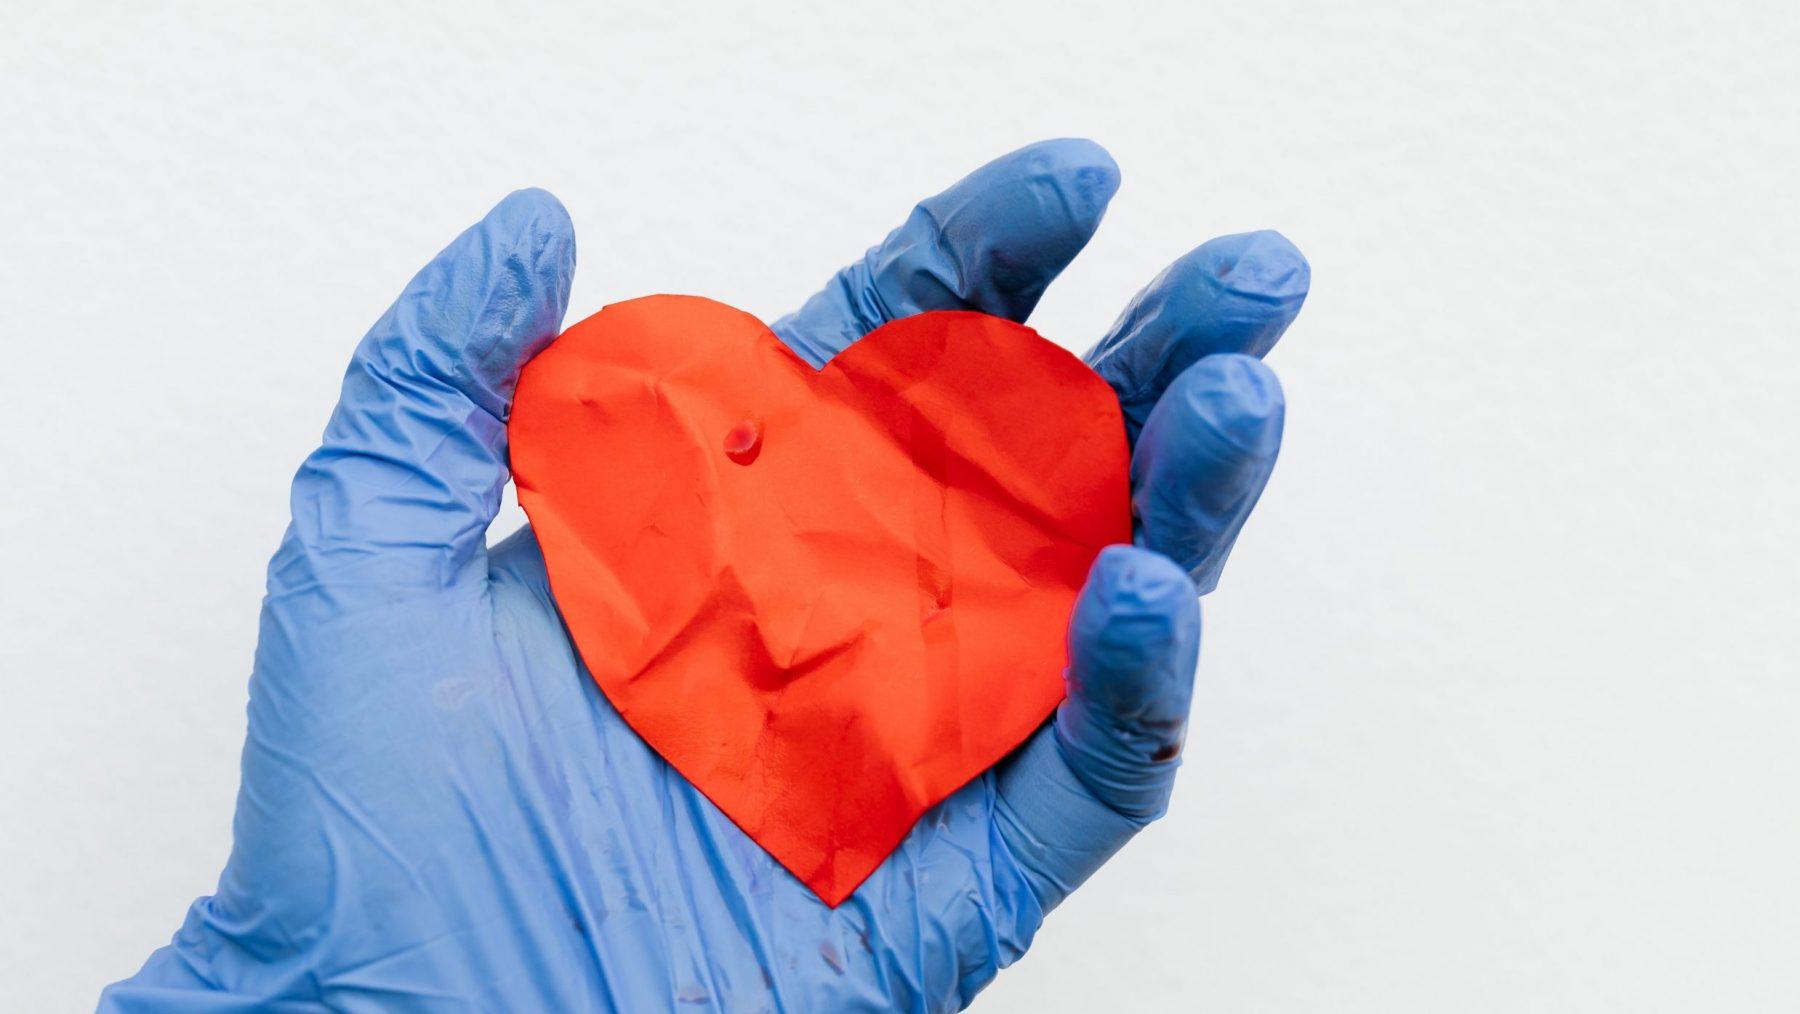 Meer aandacht nodig voor hart- en vaatziekten bij vrouwen